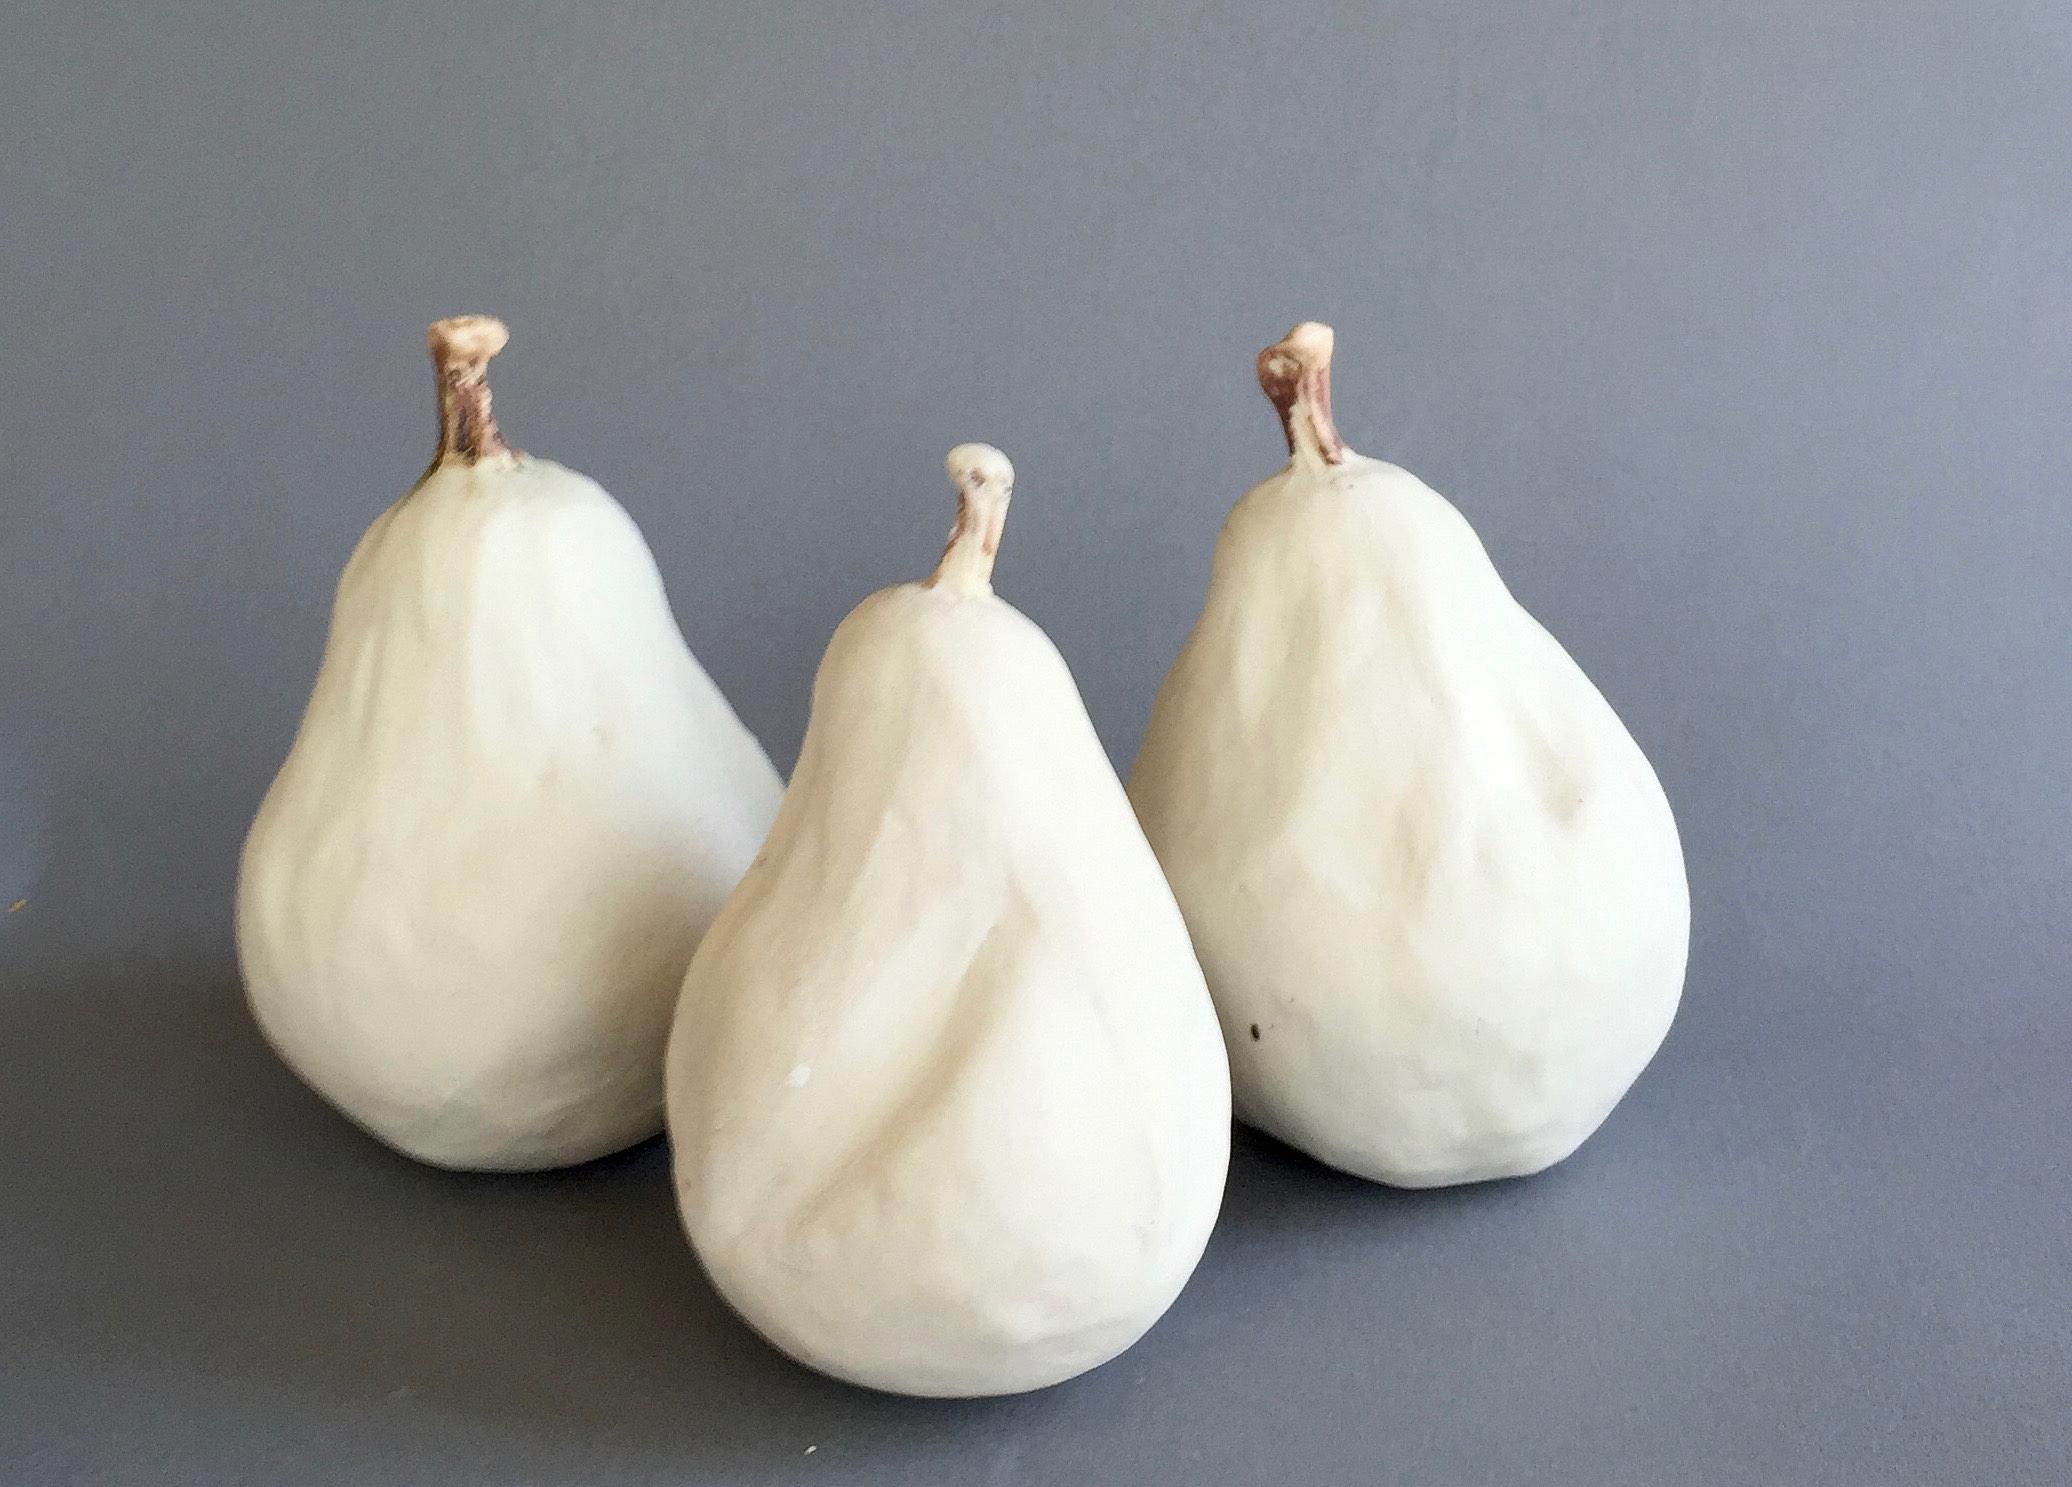 Three White Pears